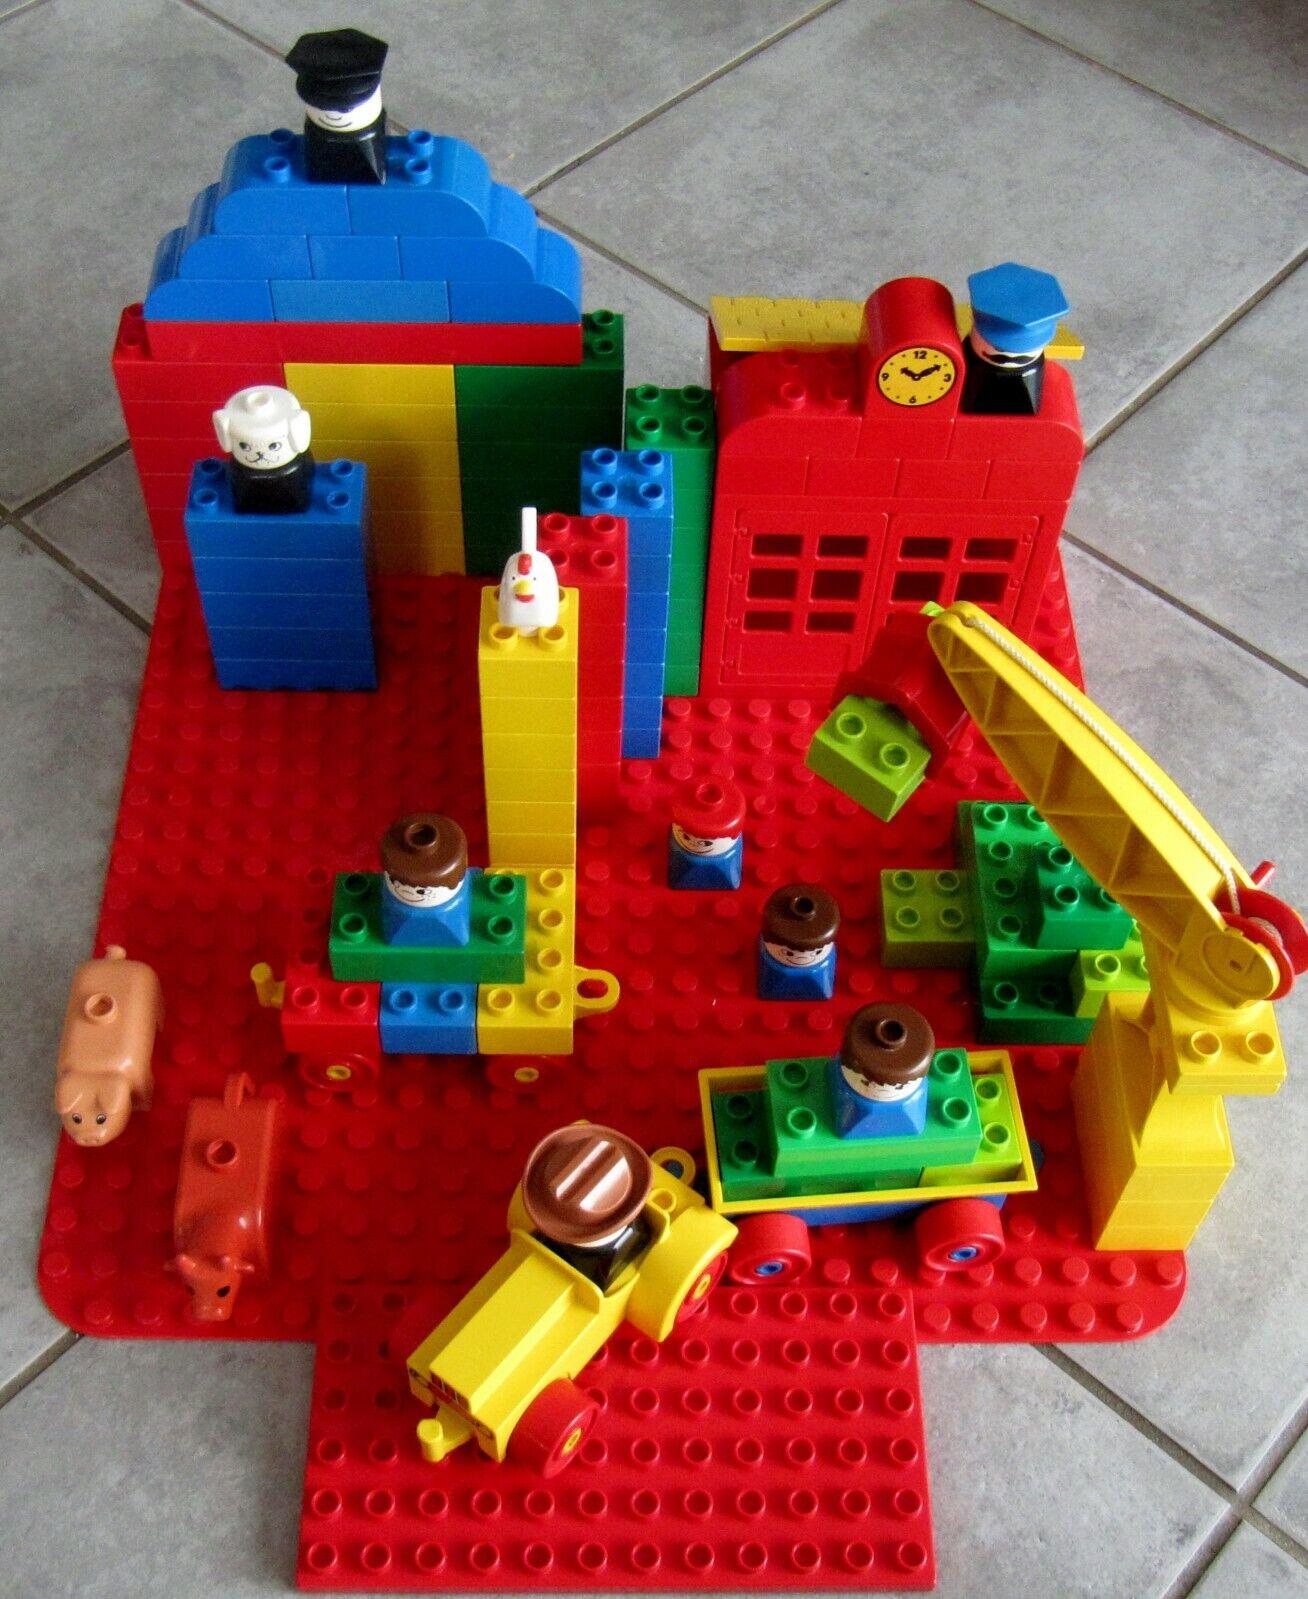 SCHÖNES SET  Lego DUPLO  98 Teile  80 Steine, 8 Figuren, 2 x  Bauplatte